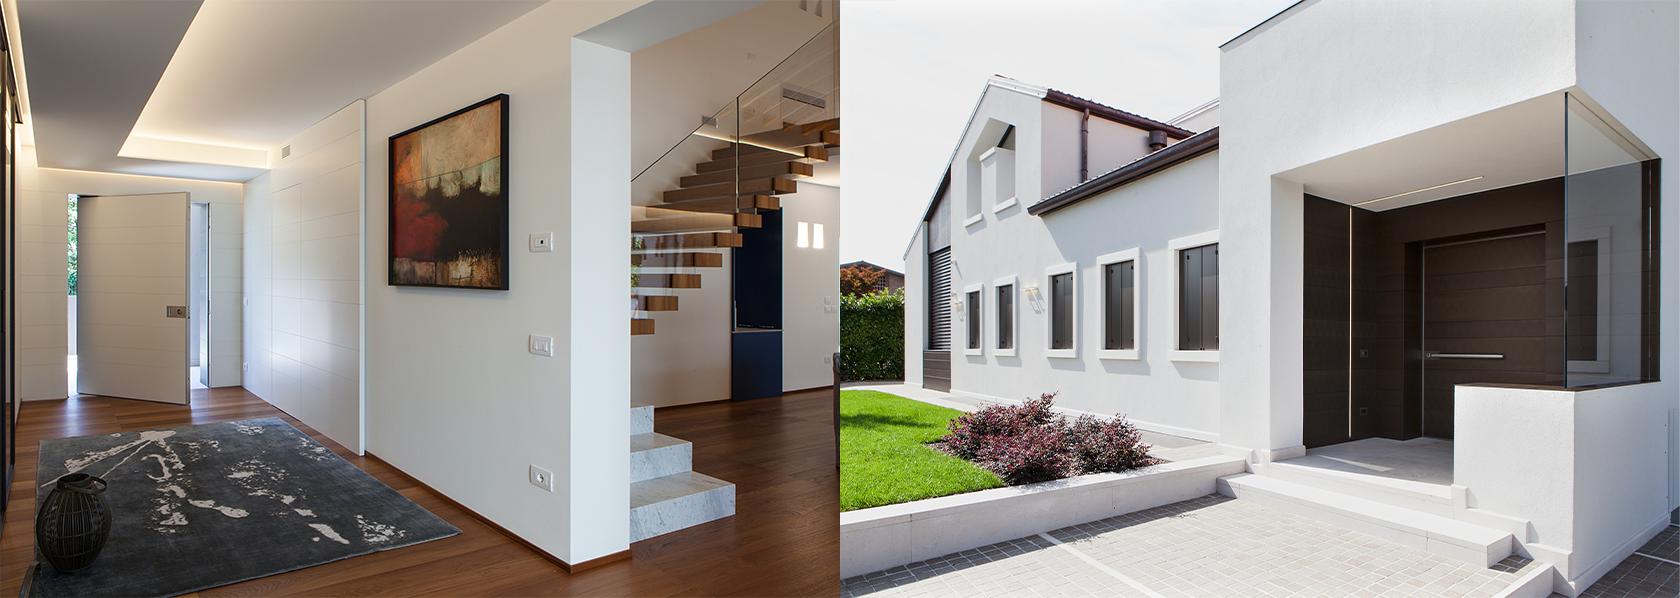 Come cambierà la percezione e la progettazione dello spazio d'ingresso? - Oikos